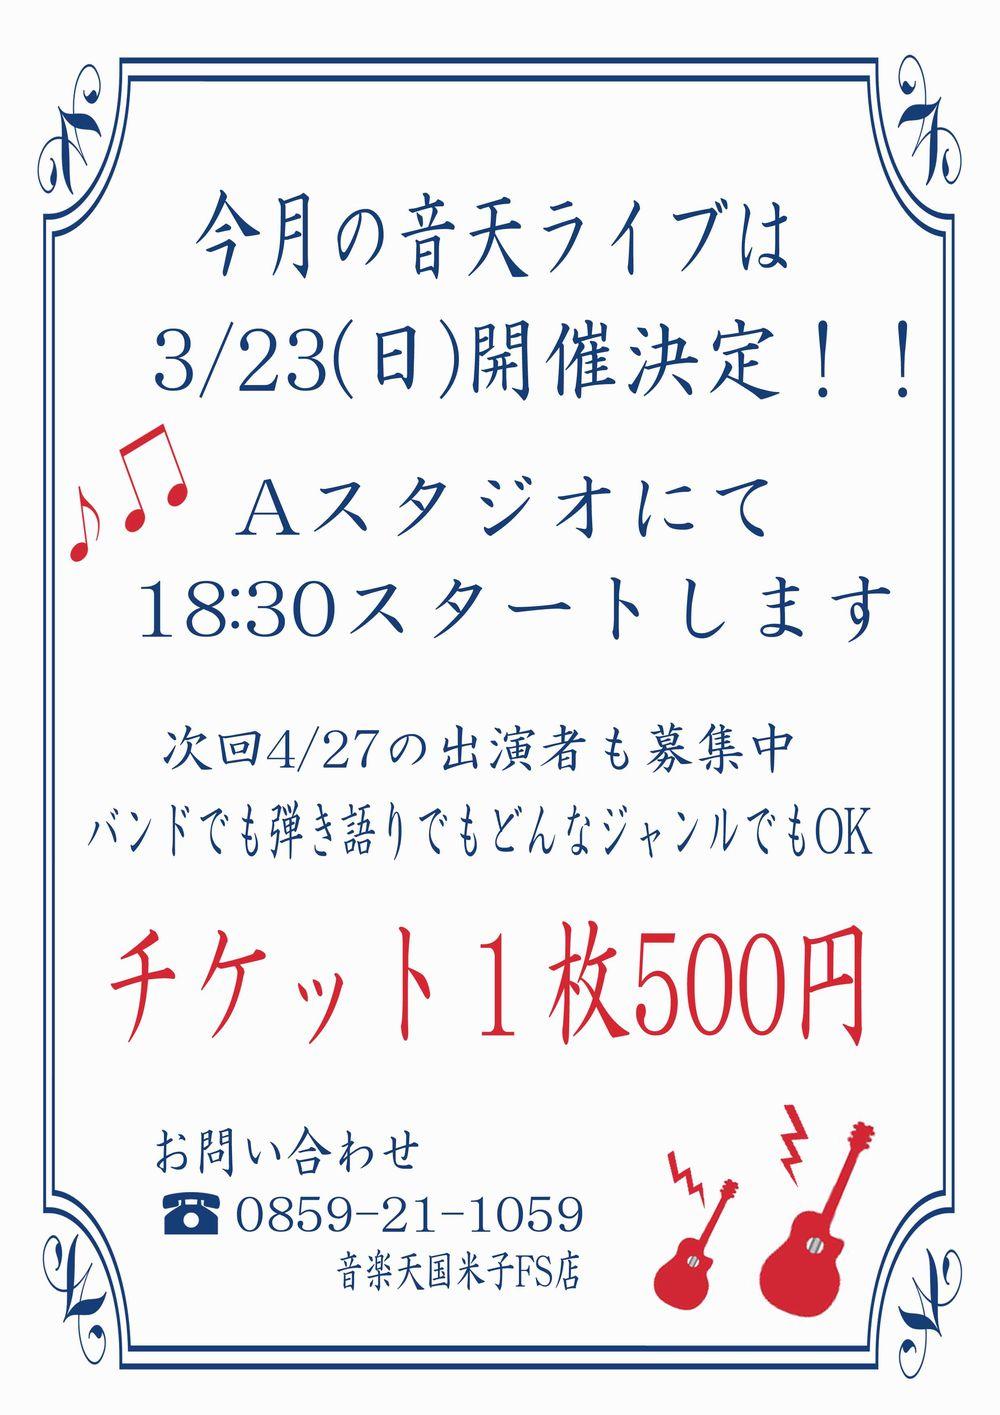 スタジオライブ@米子FS店3月23日(日)開催!